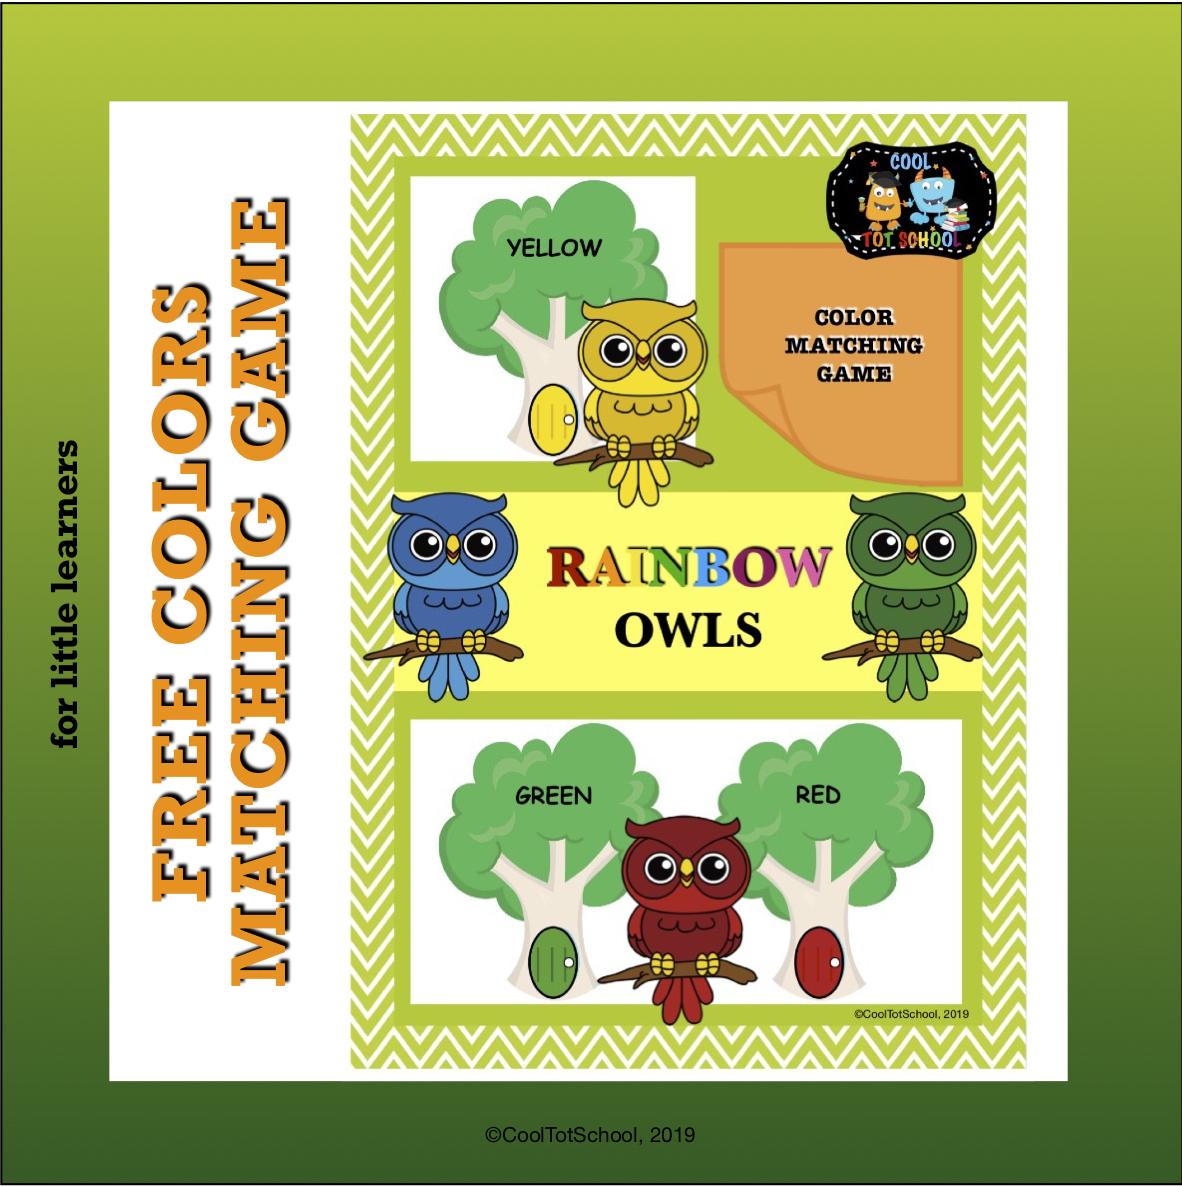 rainbow-owls-match-up